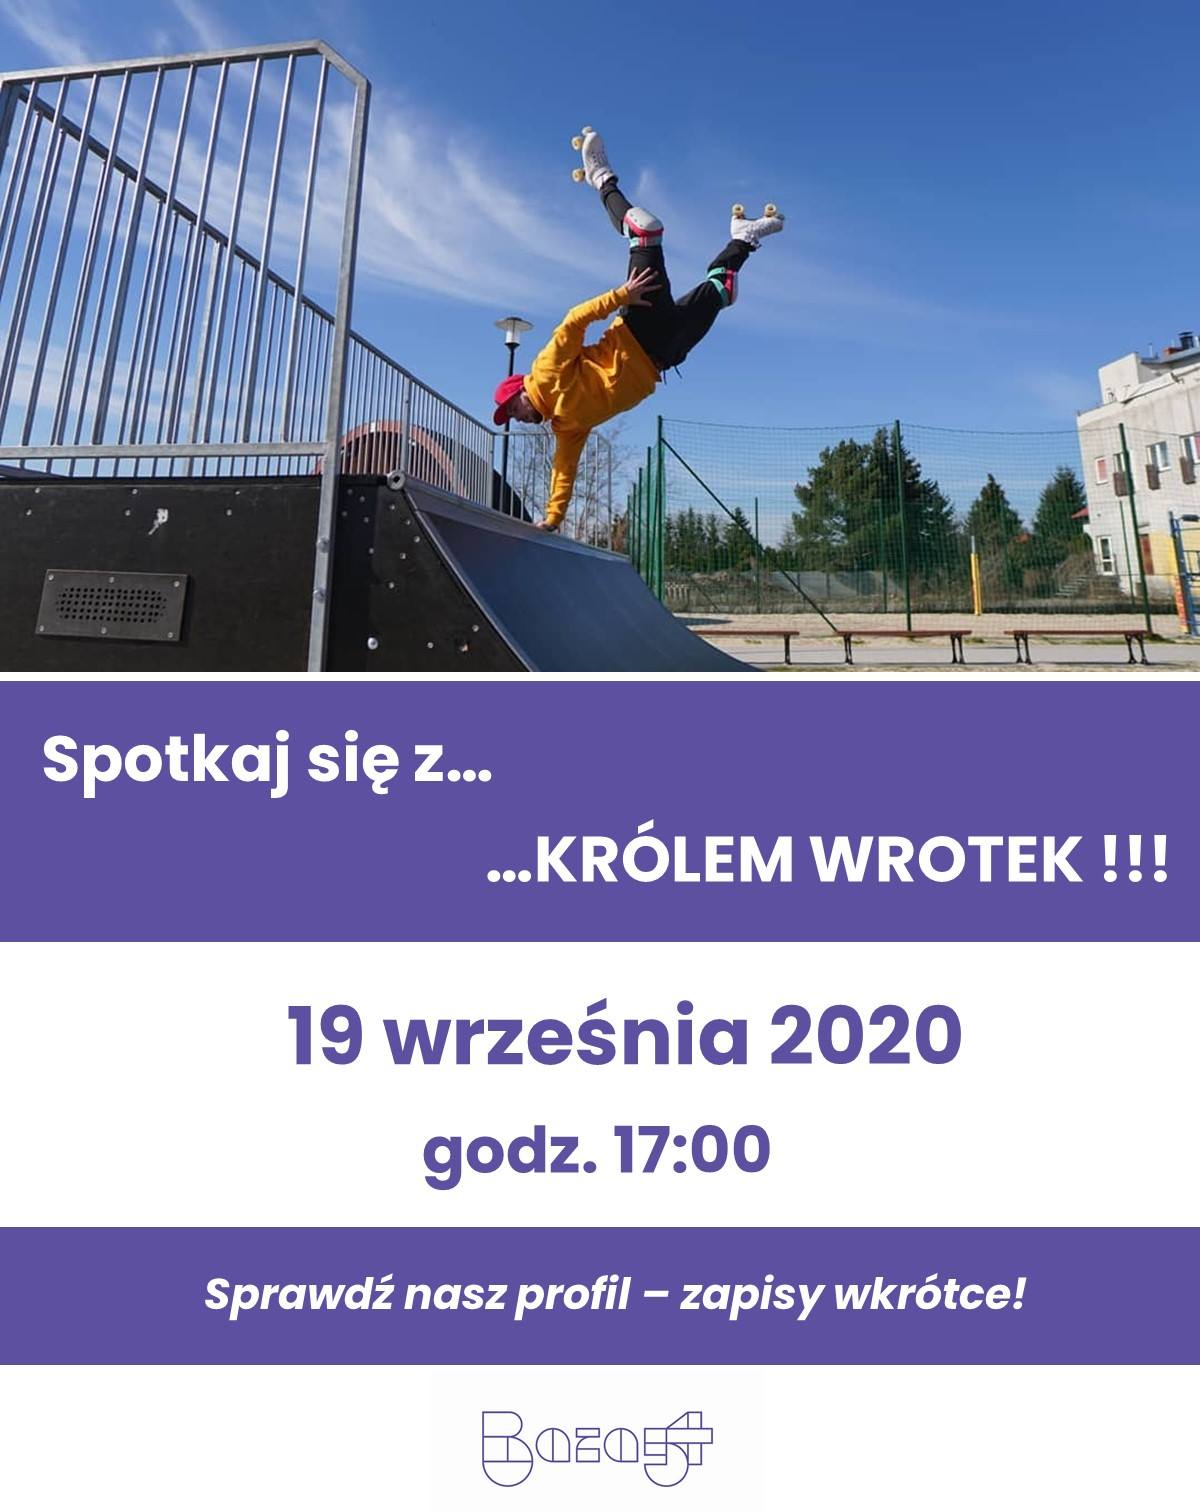 Król Wrotek w Krakowie - warsztaty z Knopersikiem na skateparku Baza54